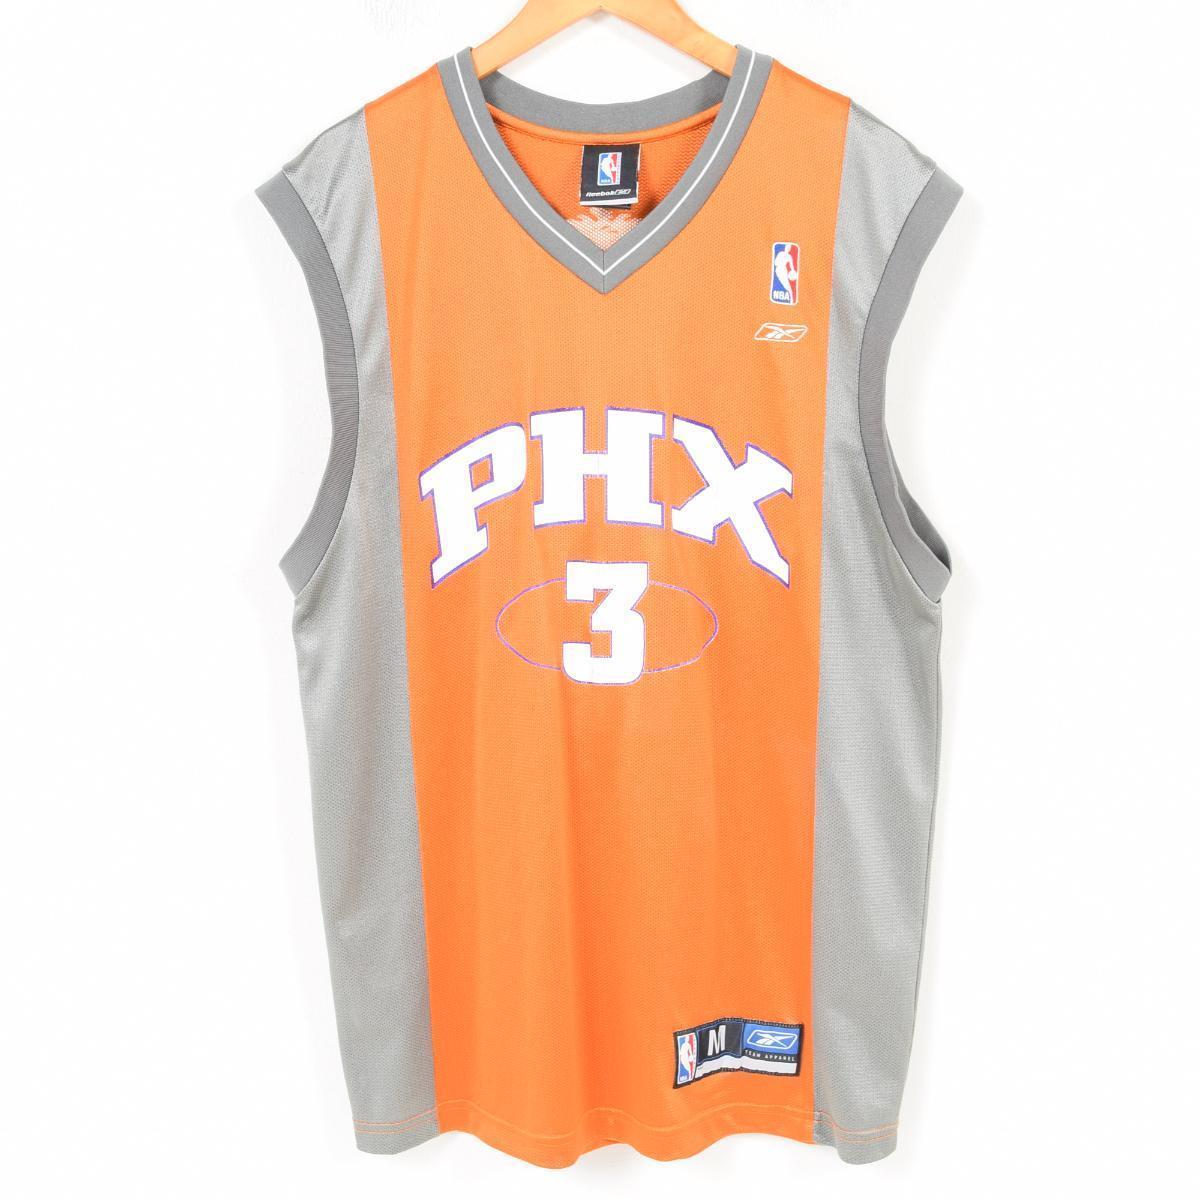 リーボック Reebok NBA PHOENIX SUNS フェニックスサンズ ジェイソンリチャードソン ゲームシャツ レプリカユニフォーム メンズM /wap1005 【中古】 【180323】